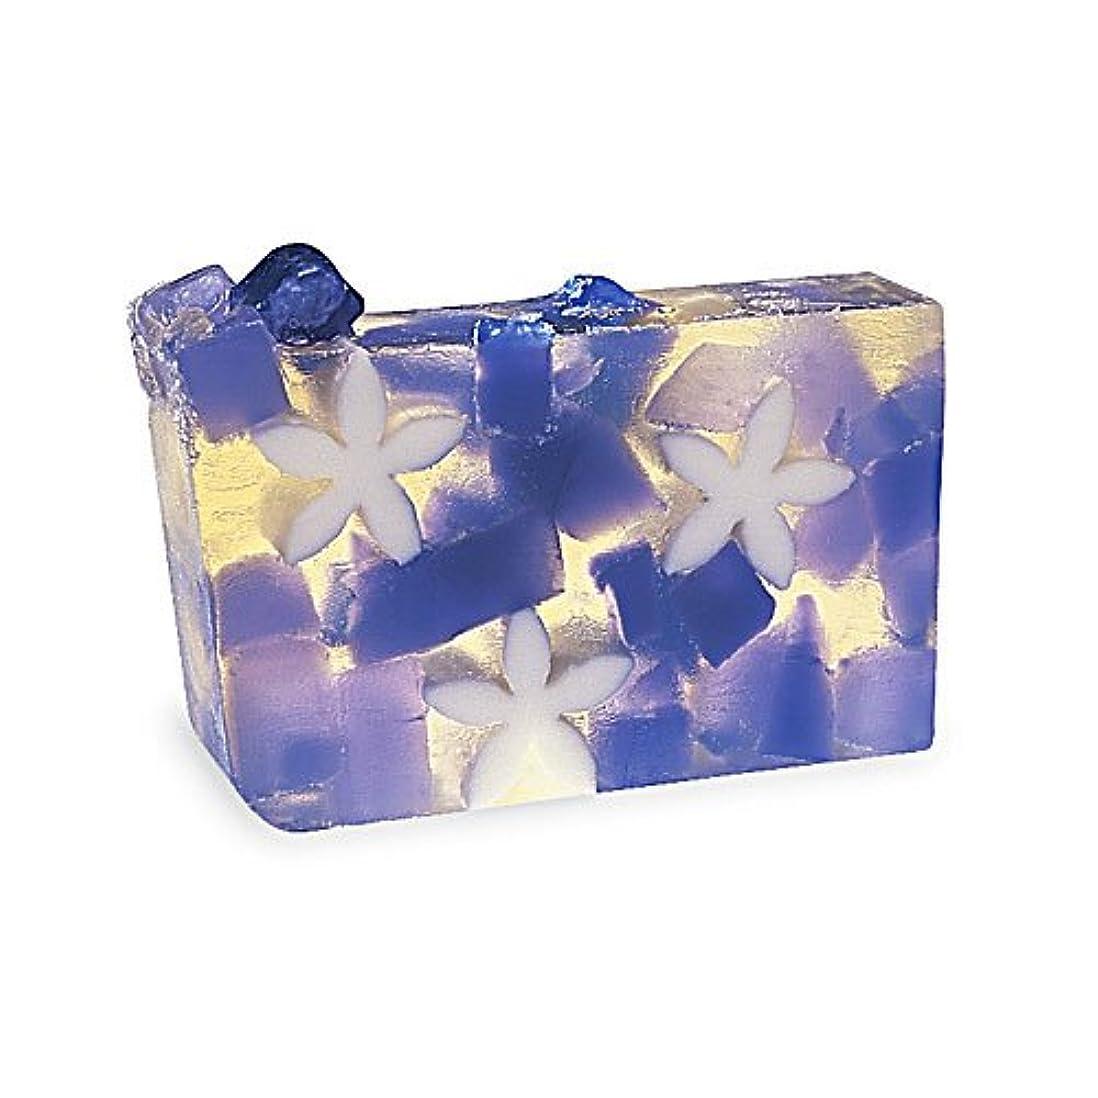 香り花弁サイバースペースプライモールエレメンツ アロマティック ソープ ピカキ 180g 植物性 ナチュラル 石鹸 無添加